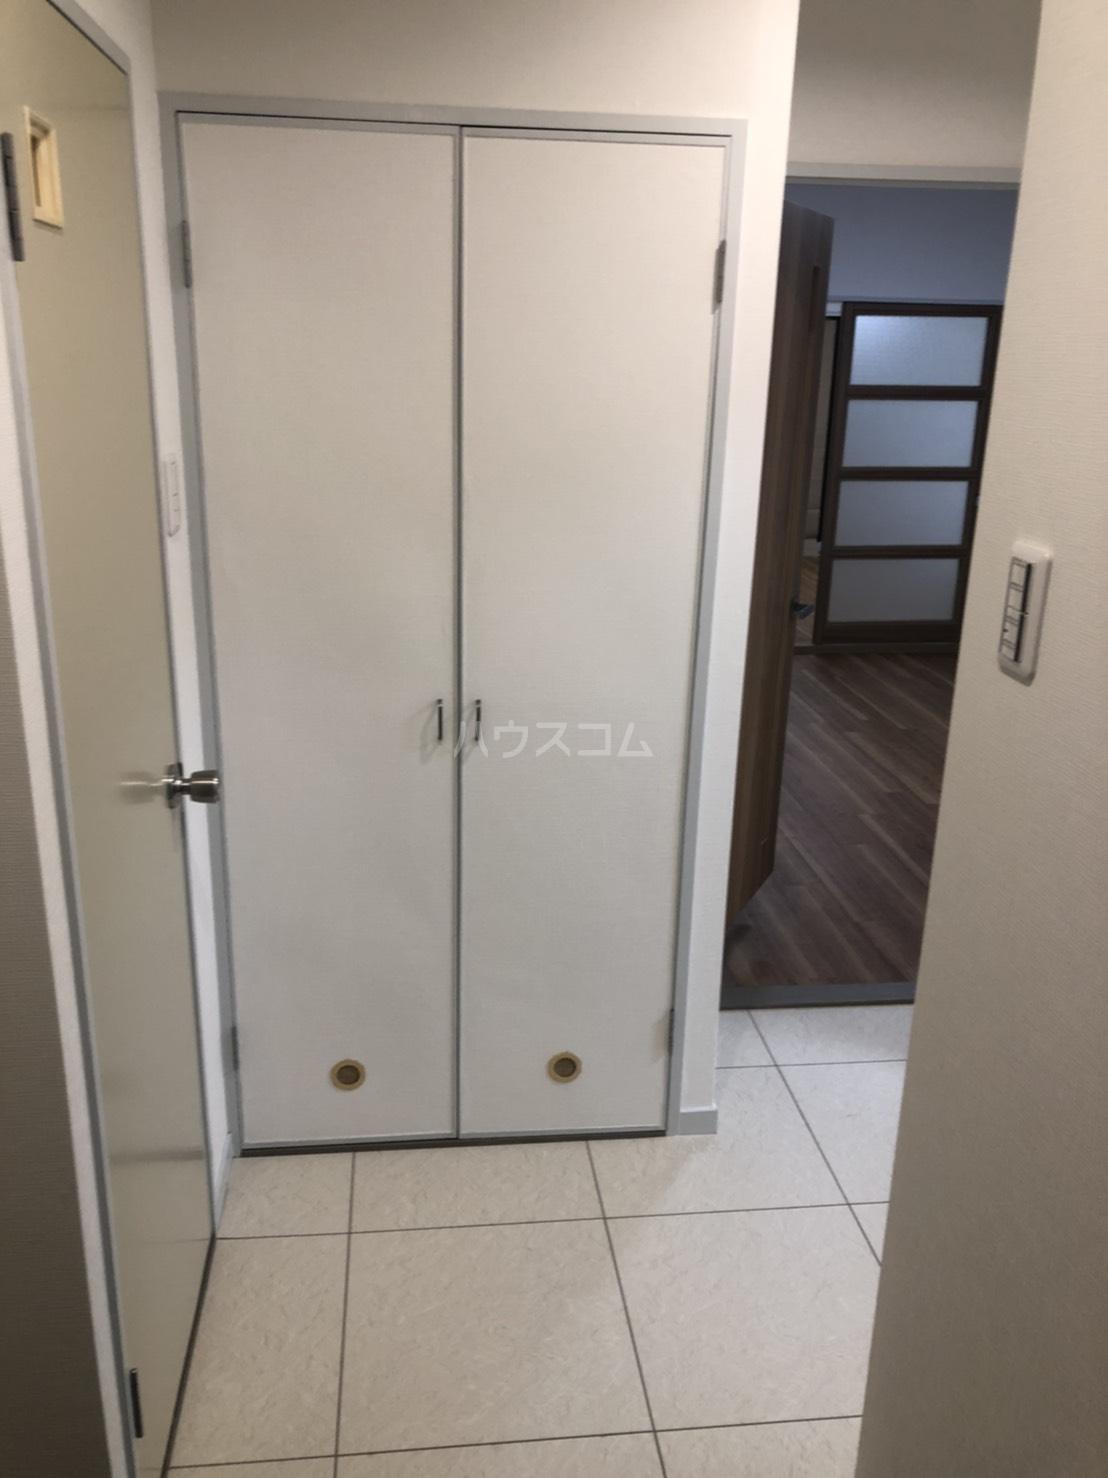 アピカル千王 405号室の玄関